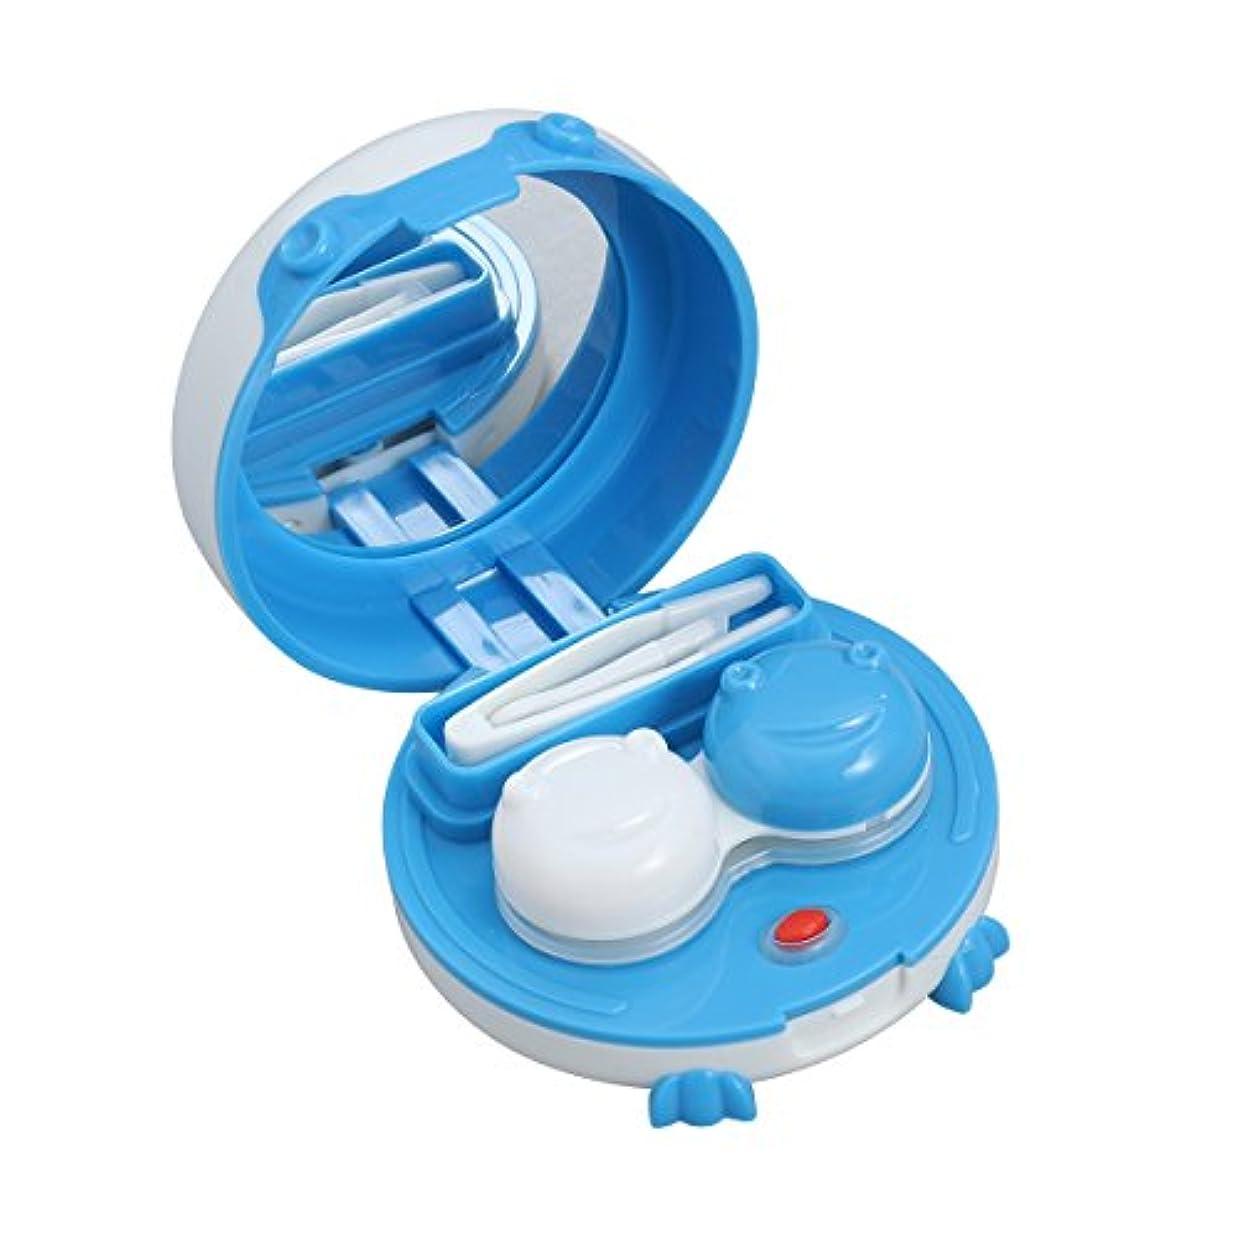 コミュニケーションほこり洗練家庭用およびトラベル用ミラーピンセットアプリケータおよびソリューションボトルレンズ収納ボックスコンテナ付きコンタクトレンズトラベルケースホルダー